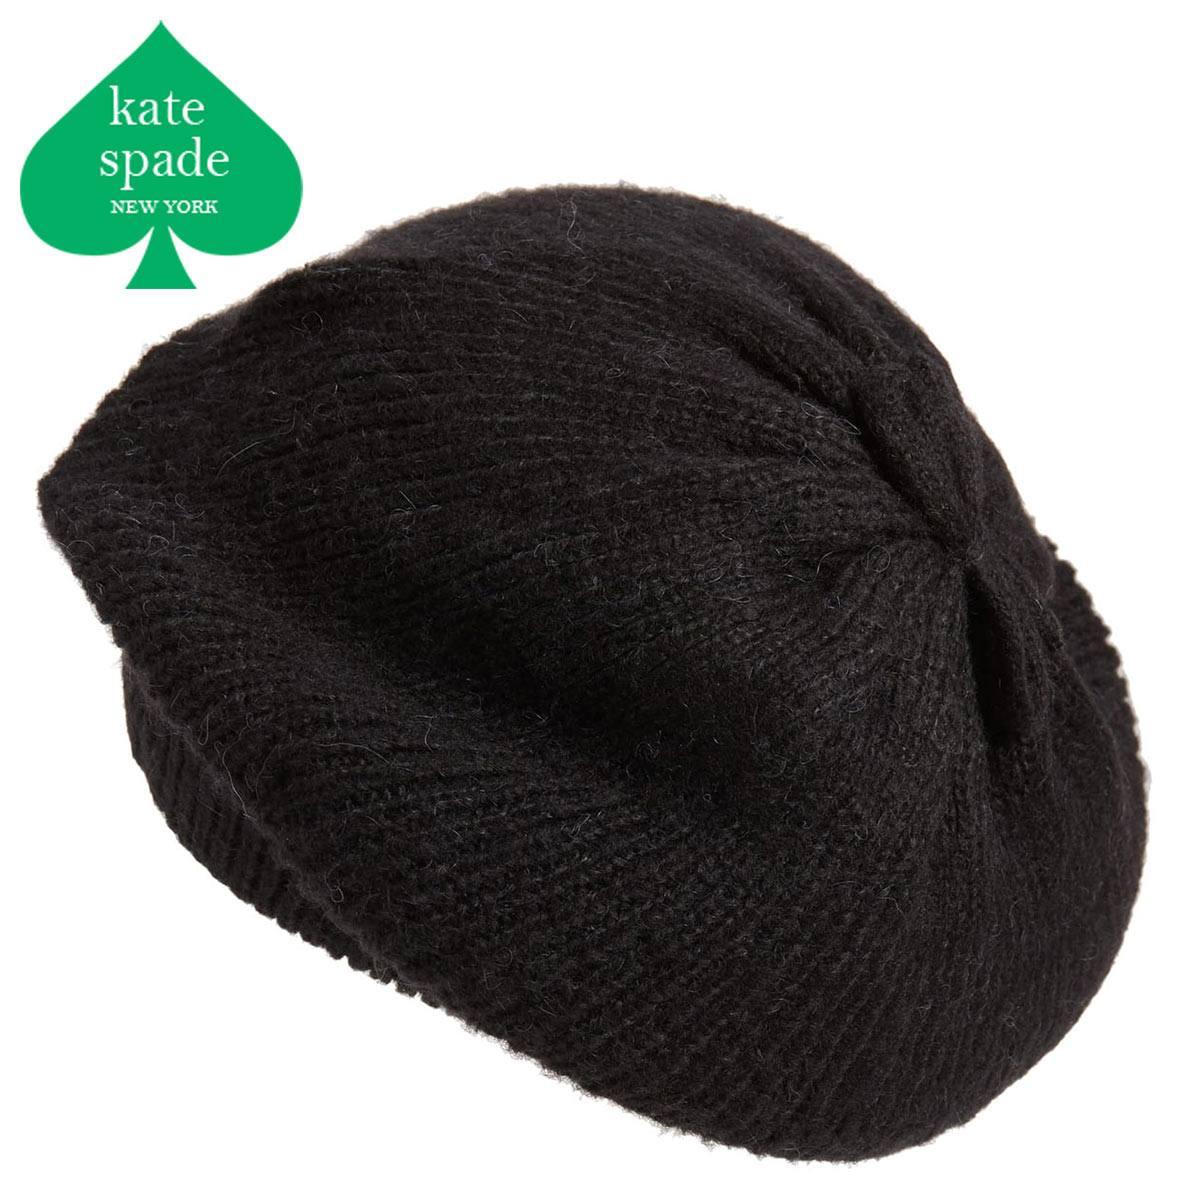 ケイトスペード ニット帽 ベレー帽 ブランド レディース ビーニー ビーニー帽 ニット ニット帽子 KATE SPADE NEW YORK